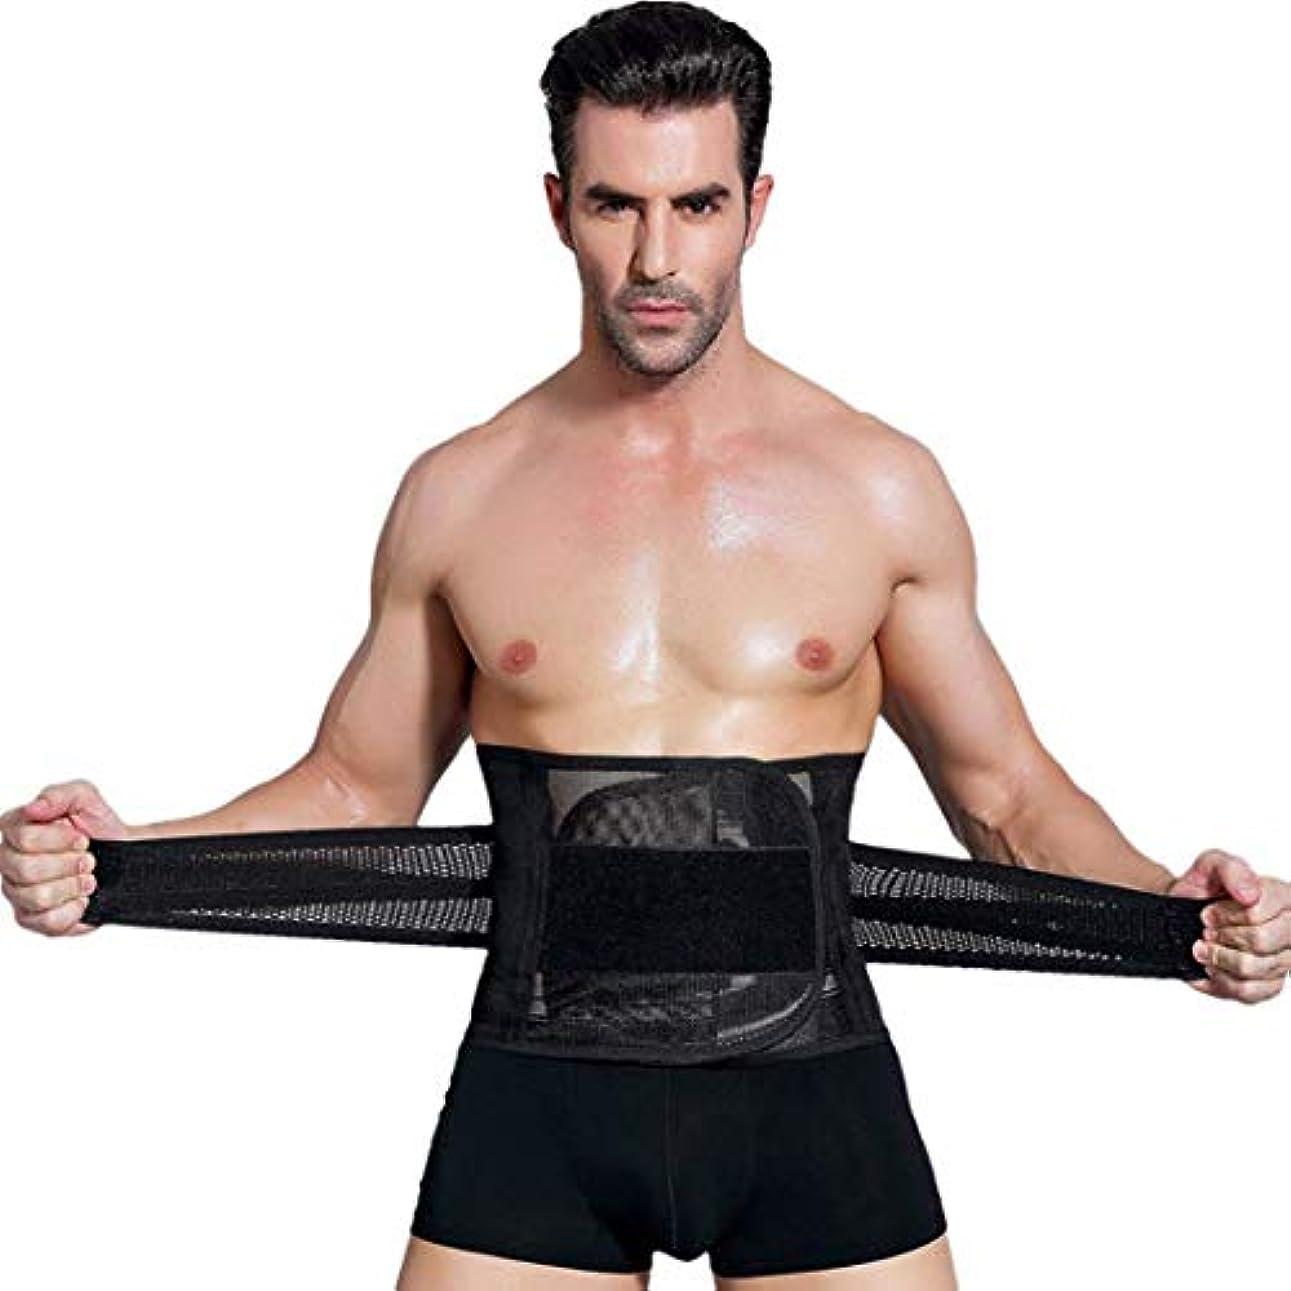 シード件名疎外する男性ボディシェイパーコルセット腹部おなかコントロールウエストトレーナーニッパー脂肪燃焼ガードル痩身腹ベルト用男性 - ブラックXXL